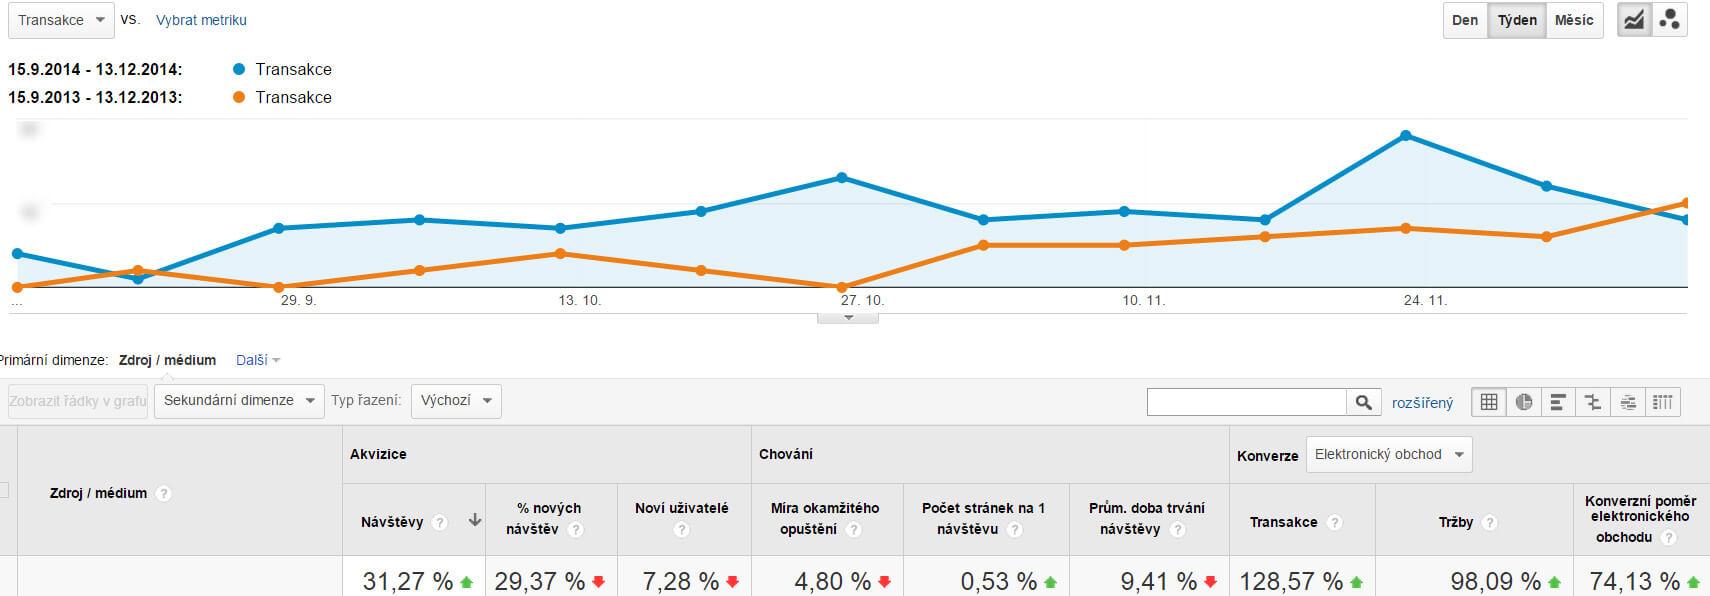 Porovnání transakcí a tržeb z Adwords kampaní